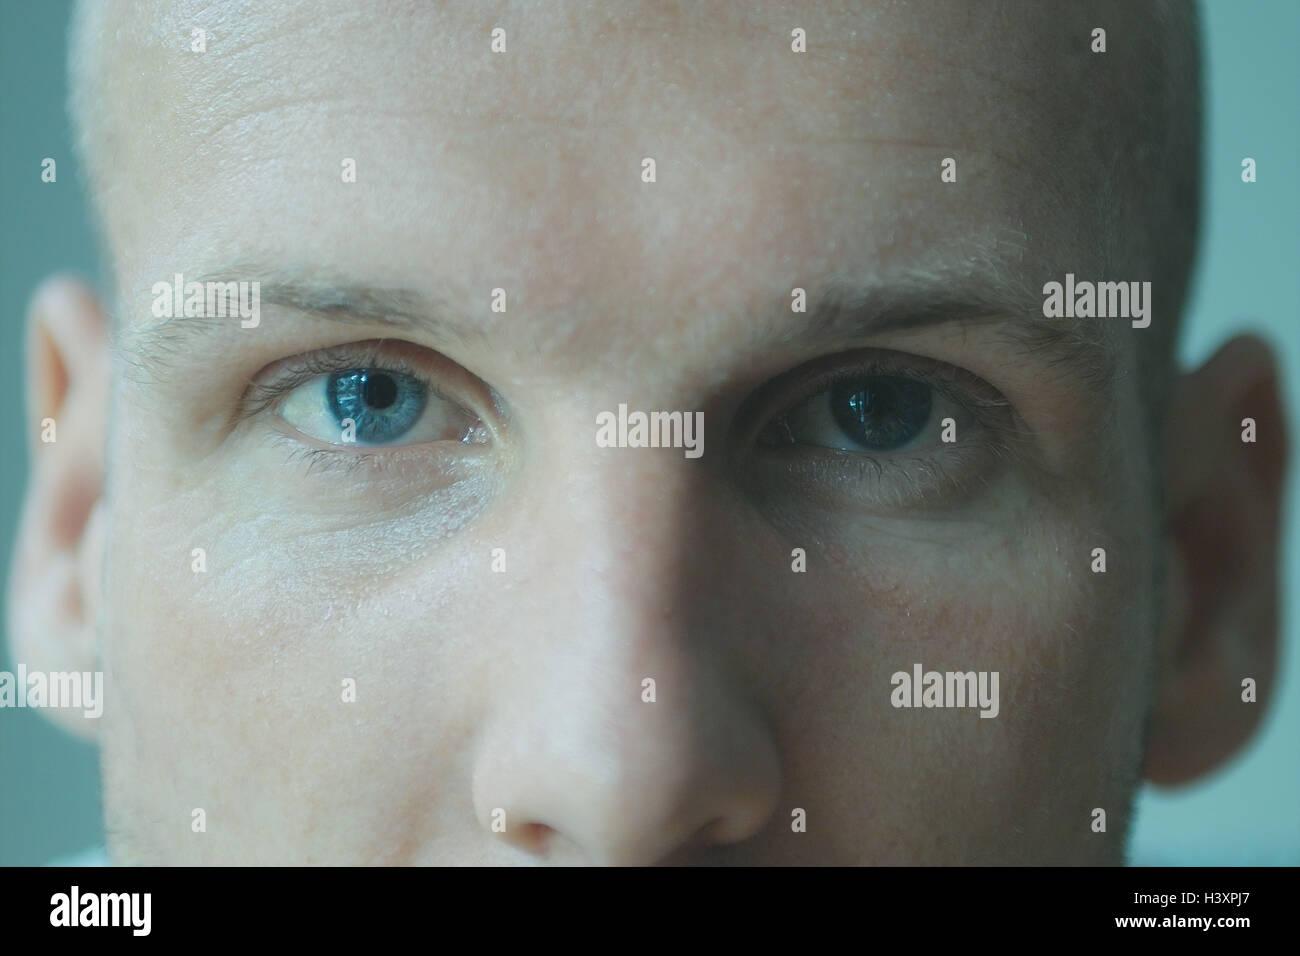 Schön Funktion Der Nasenhöhle Fotos - Menschliche Anatomie Bilder ...